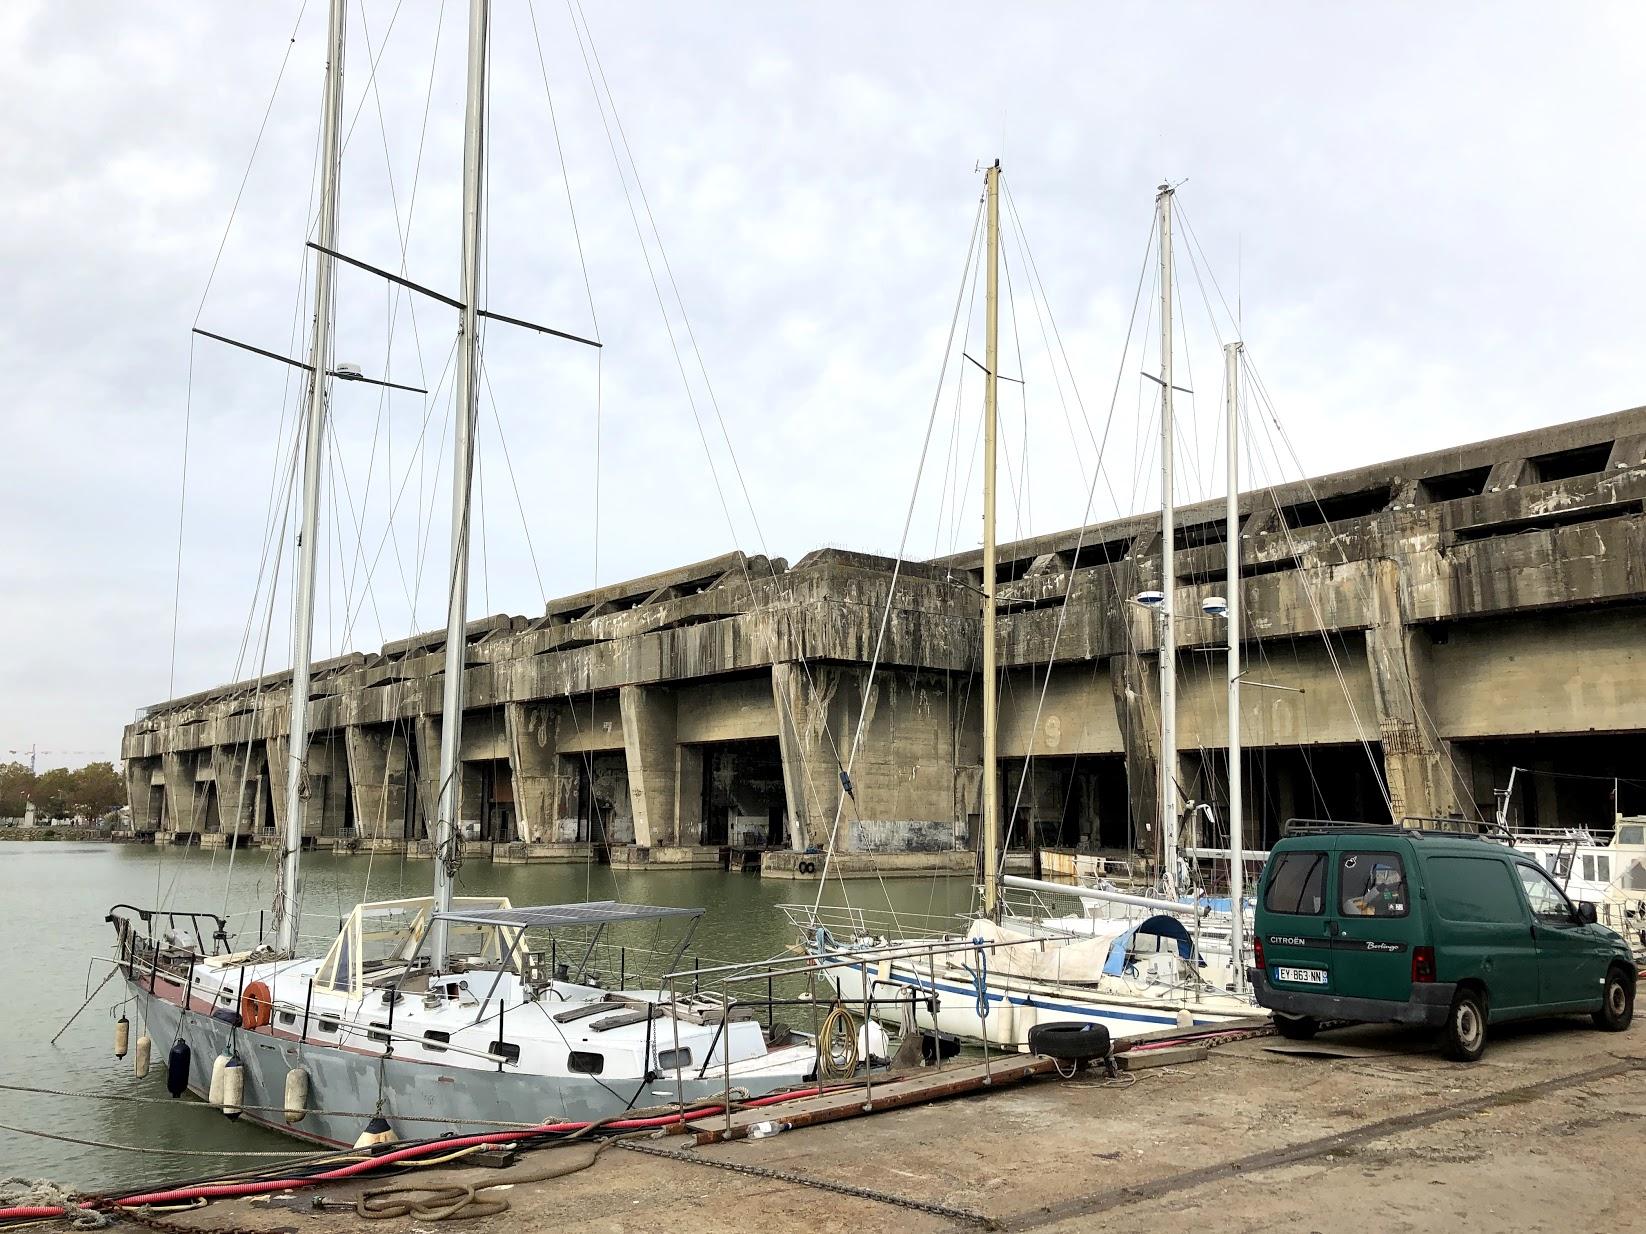 Niekdajšie doky pre ponorky